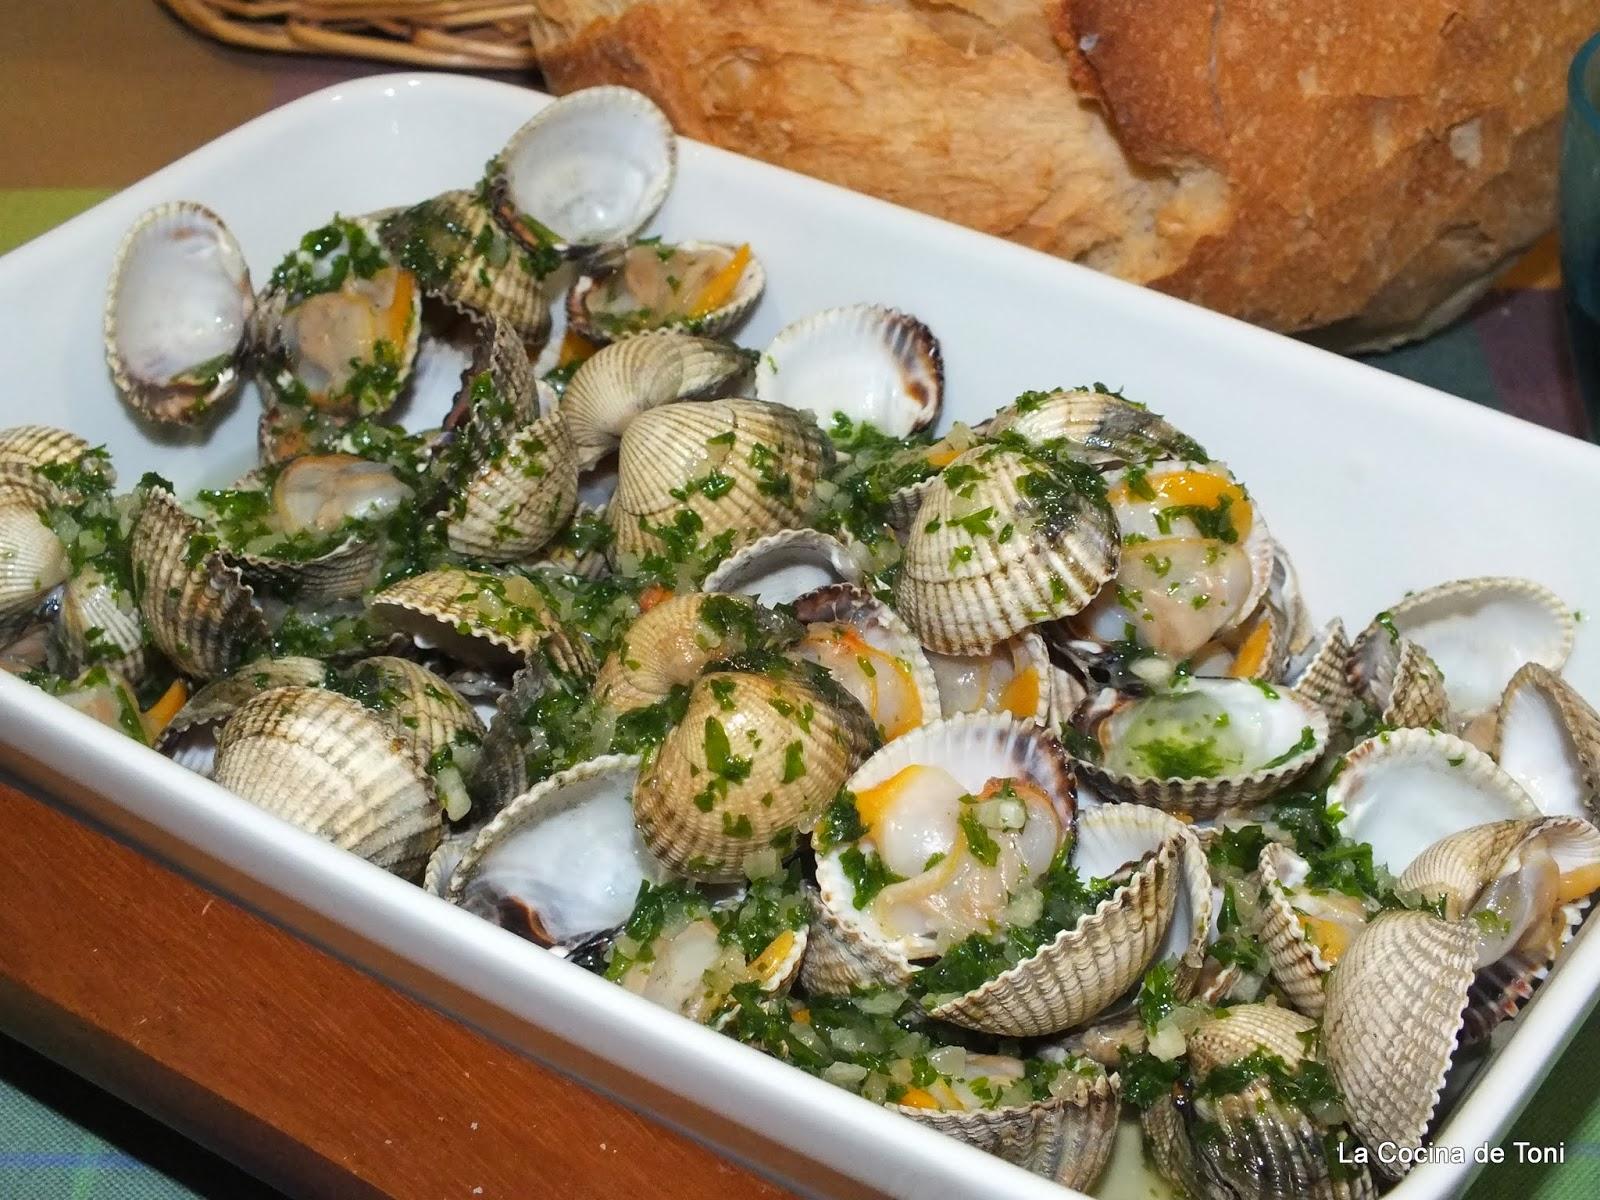 La cocina de toni berberechos a la plancha - Como cocinar berberechos ...